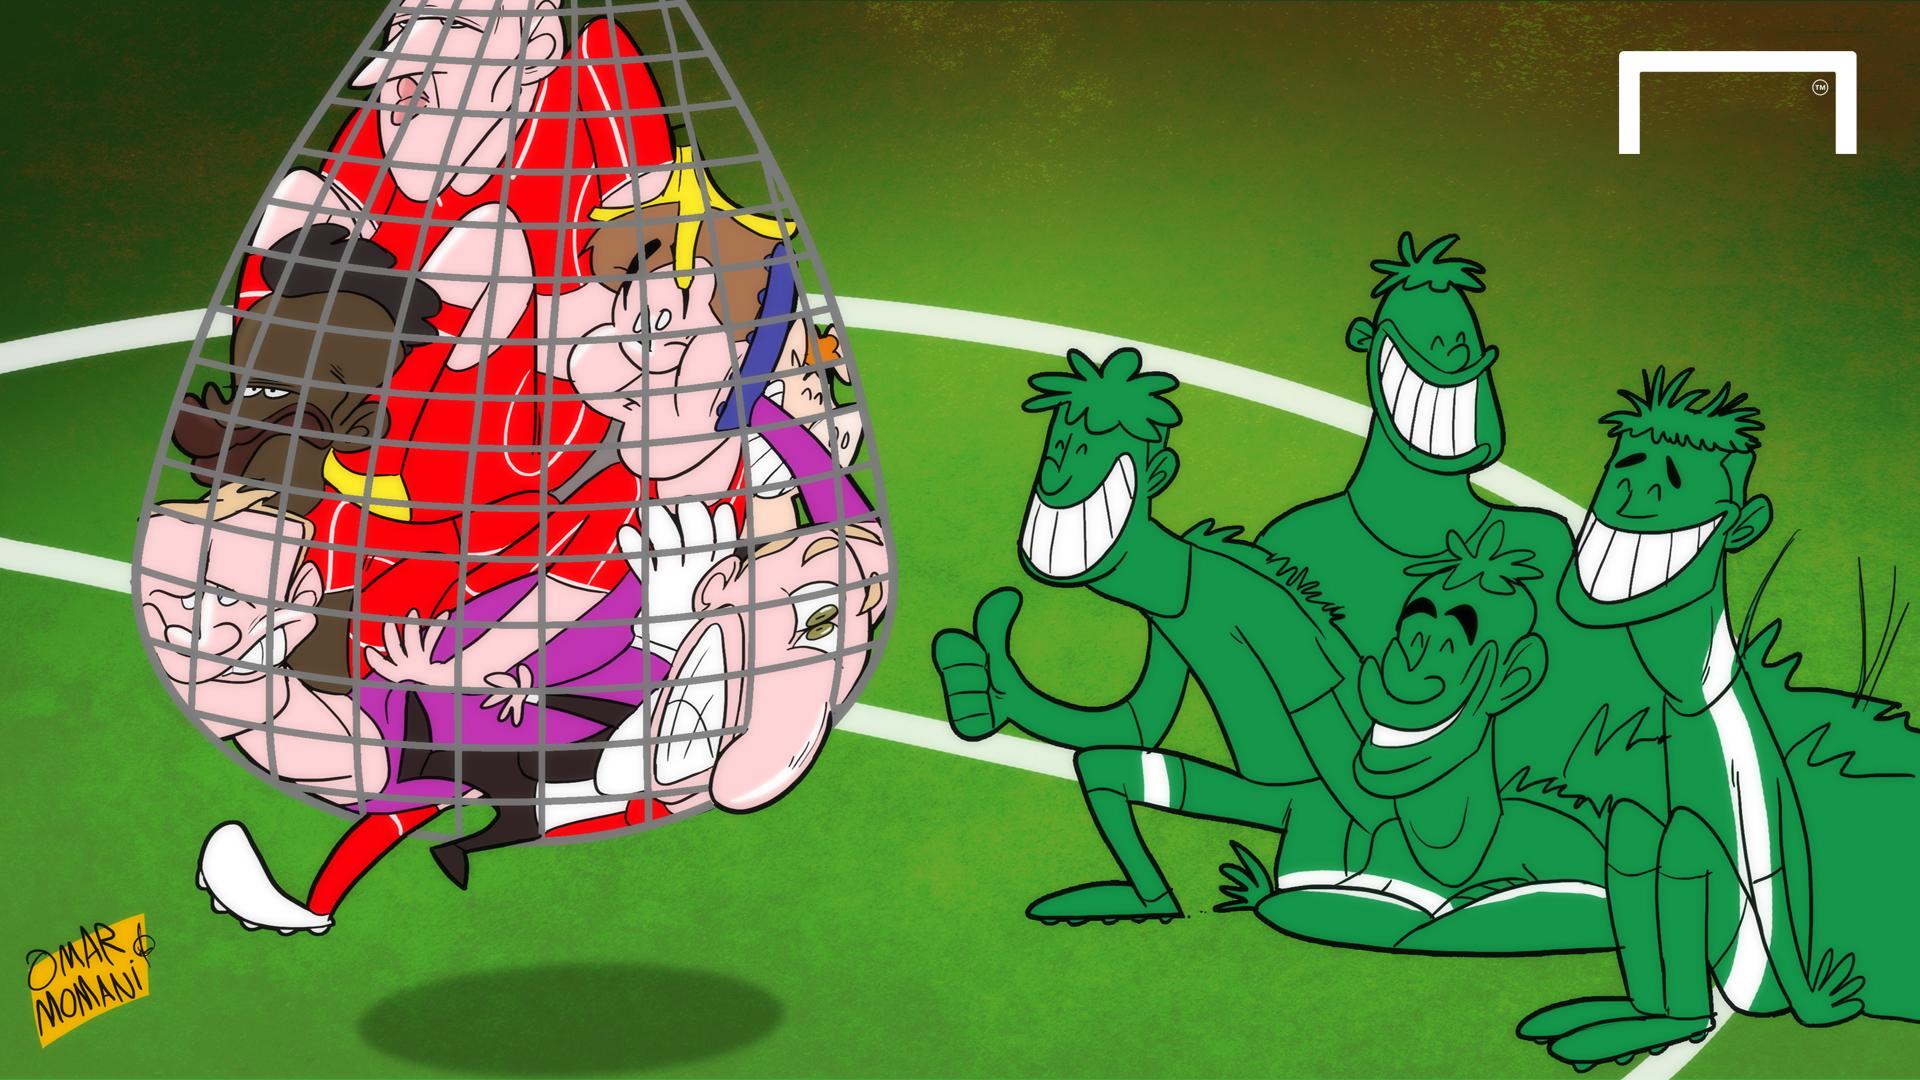 Лудогорец, Ливерпуль, Лига чемпионов